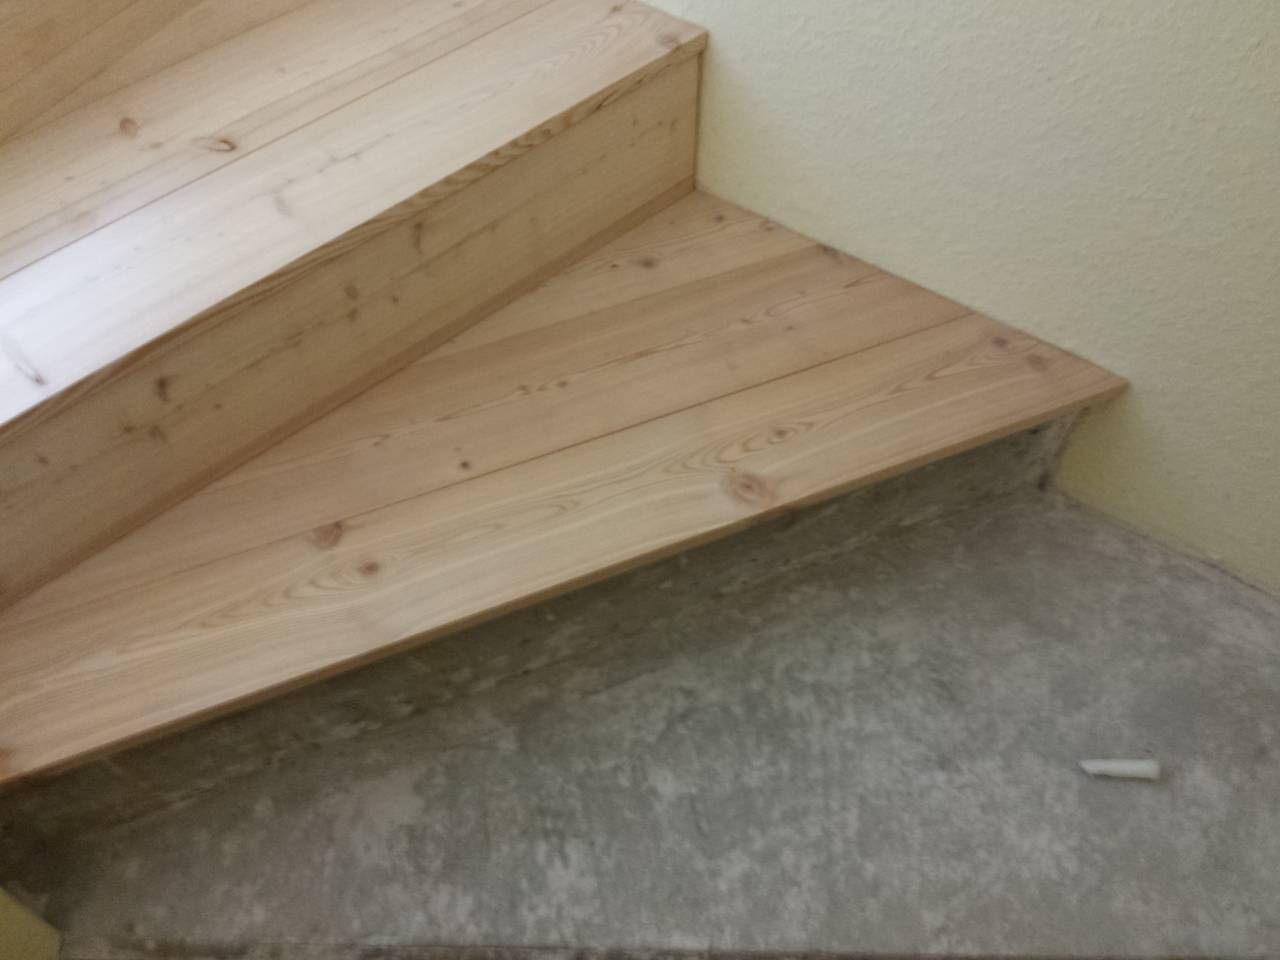 Kosten Küchenaufbau Obi ~ treppen renovieren fabulous treppe obi treppe renovieren